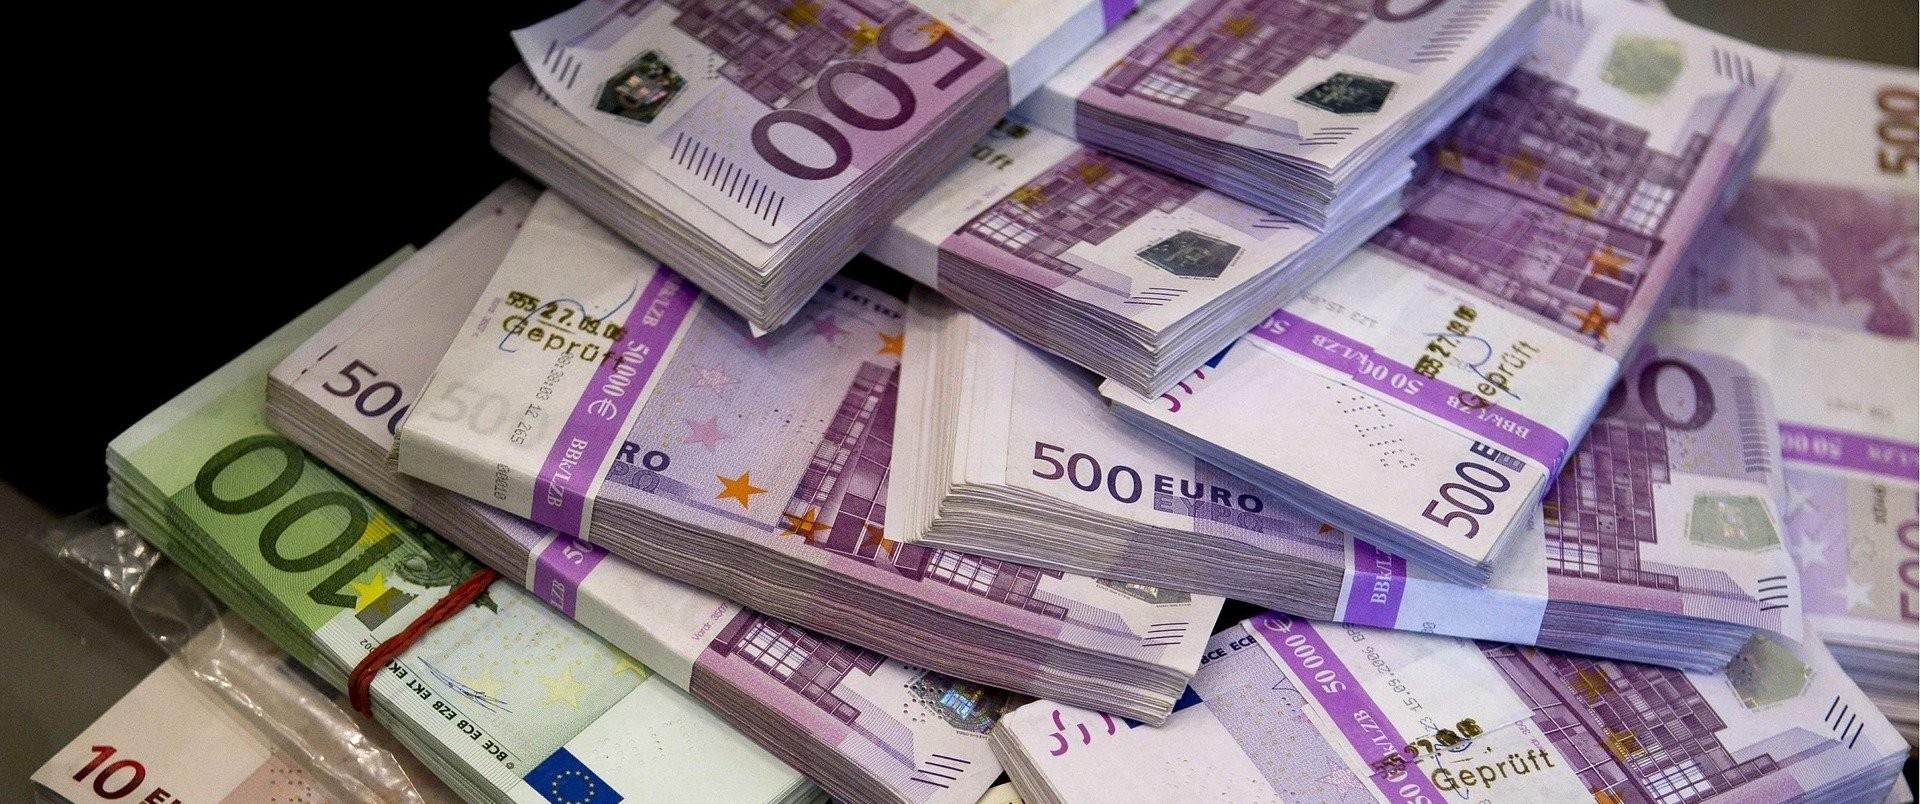 Miliardy euro trafią do przedsiębiorców. Część trzeba będzie zwrócić